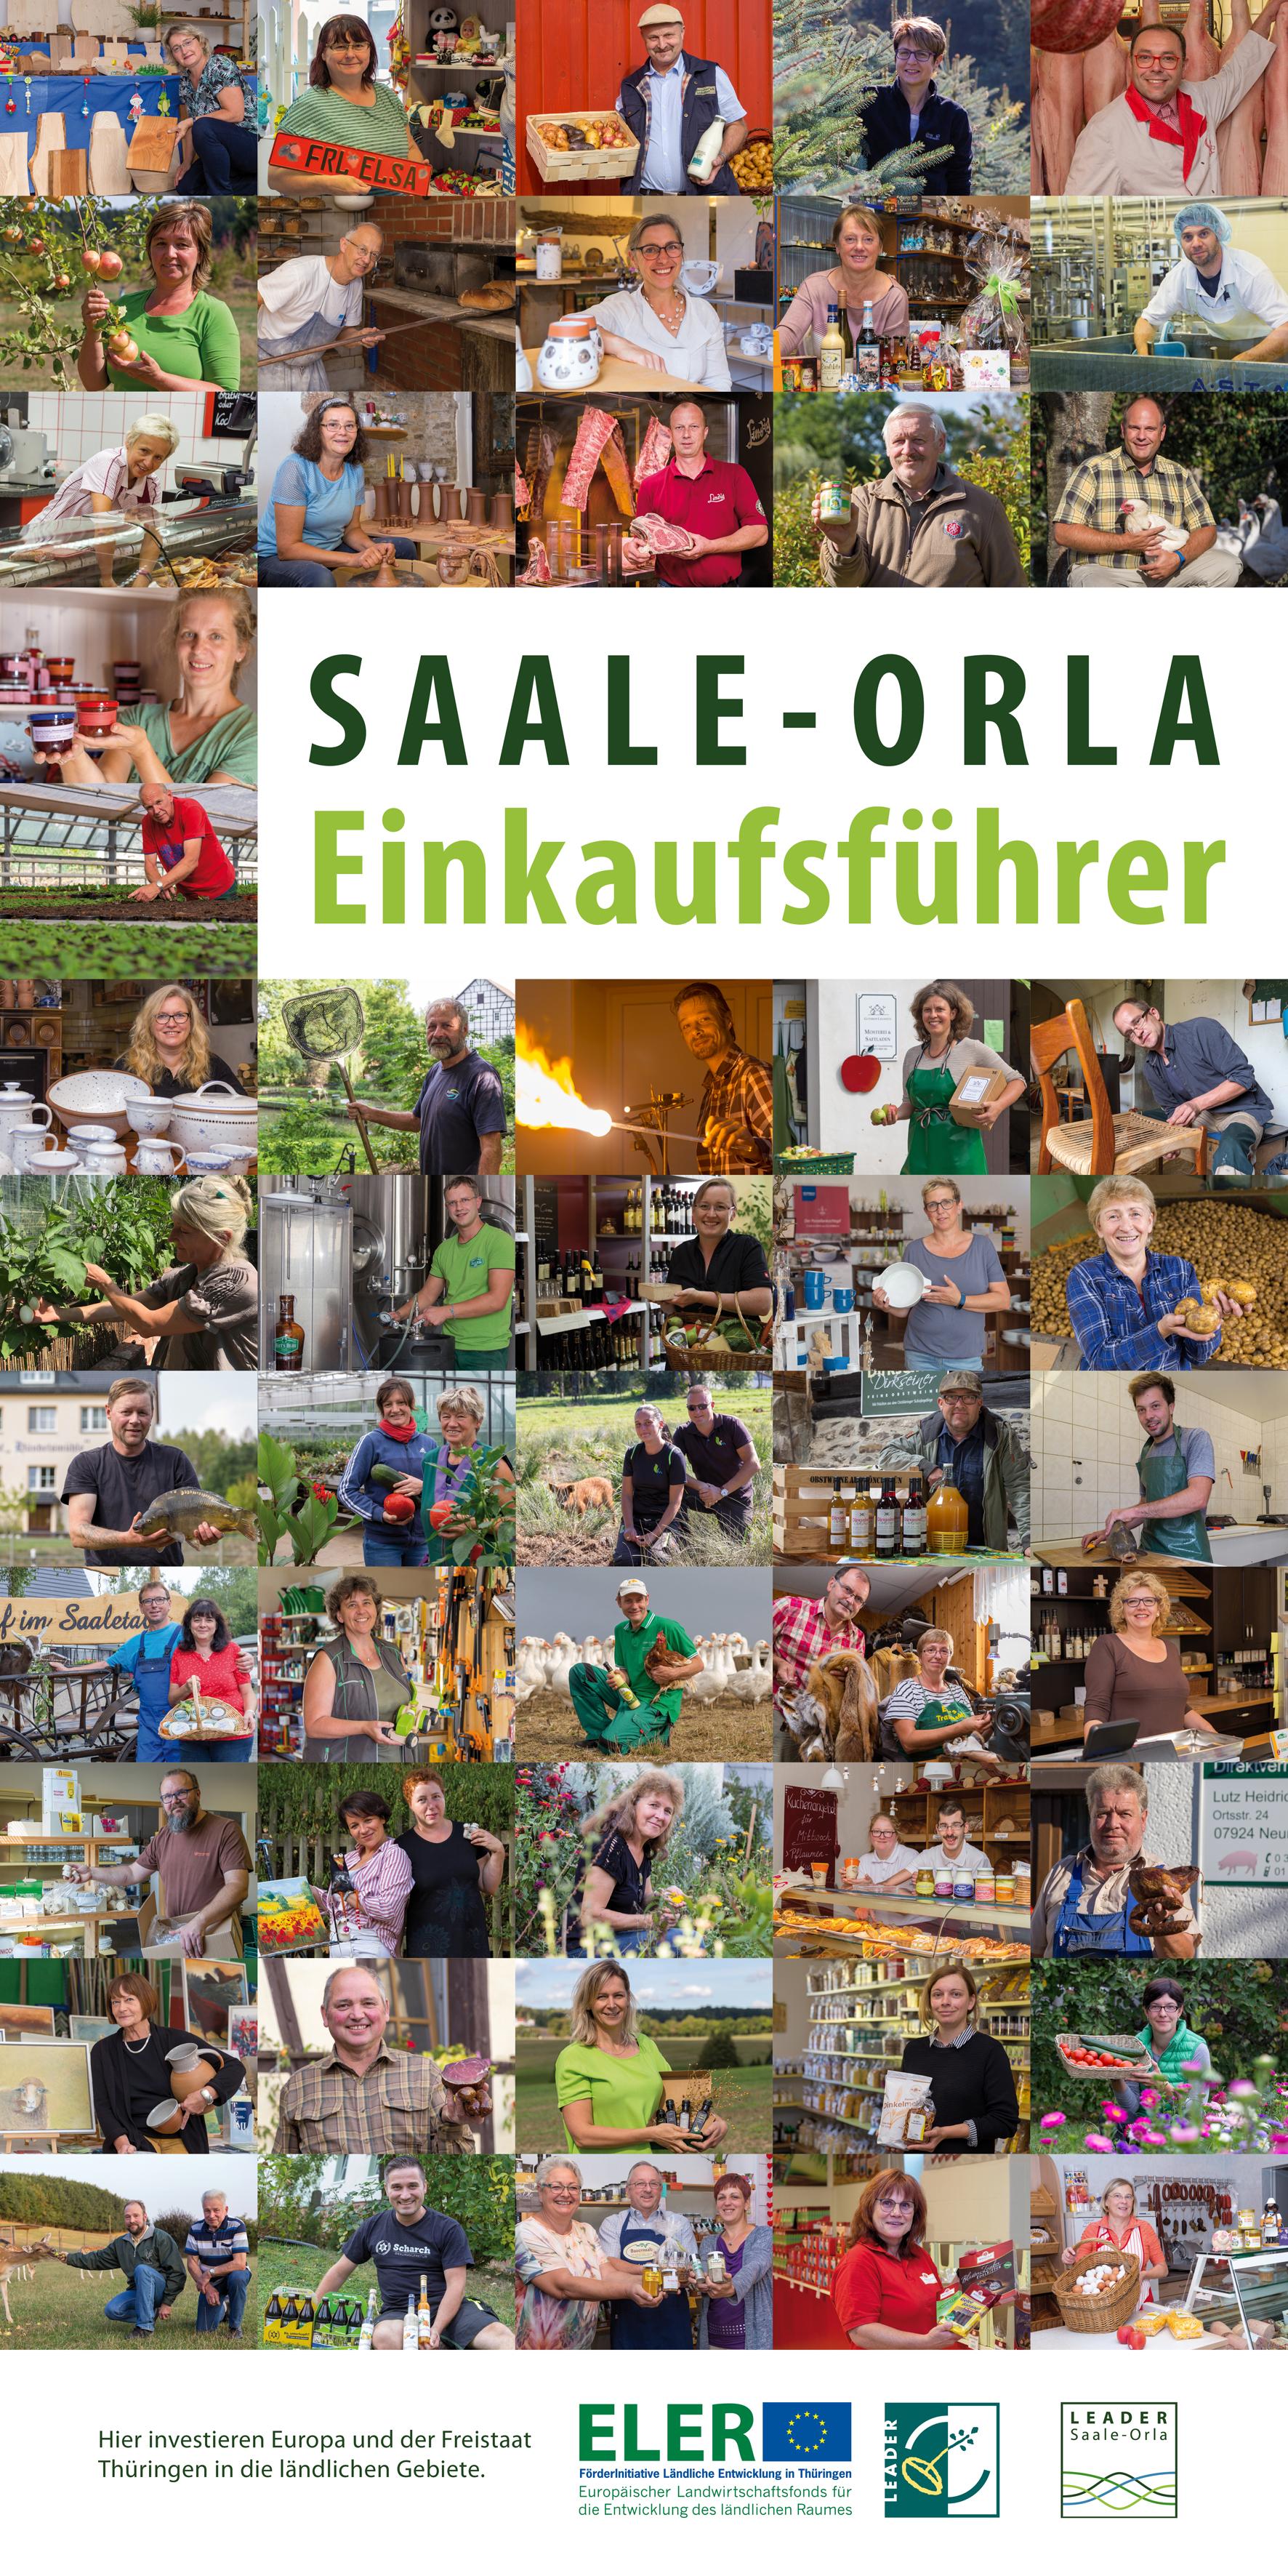 Einkaufsführer Titelbild, Anke Heelemann